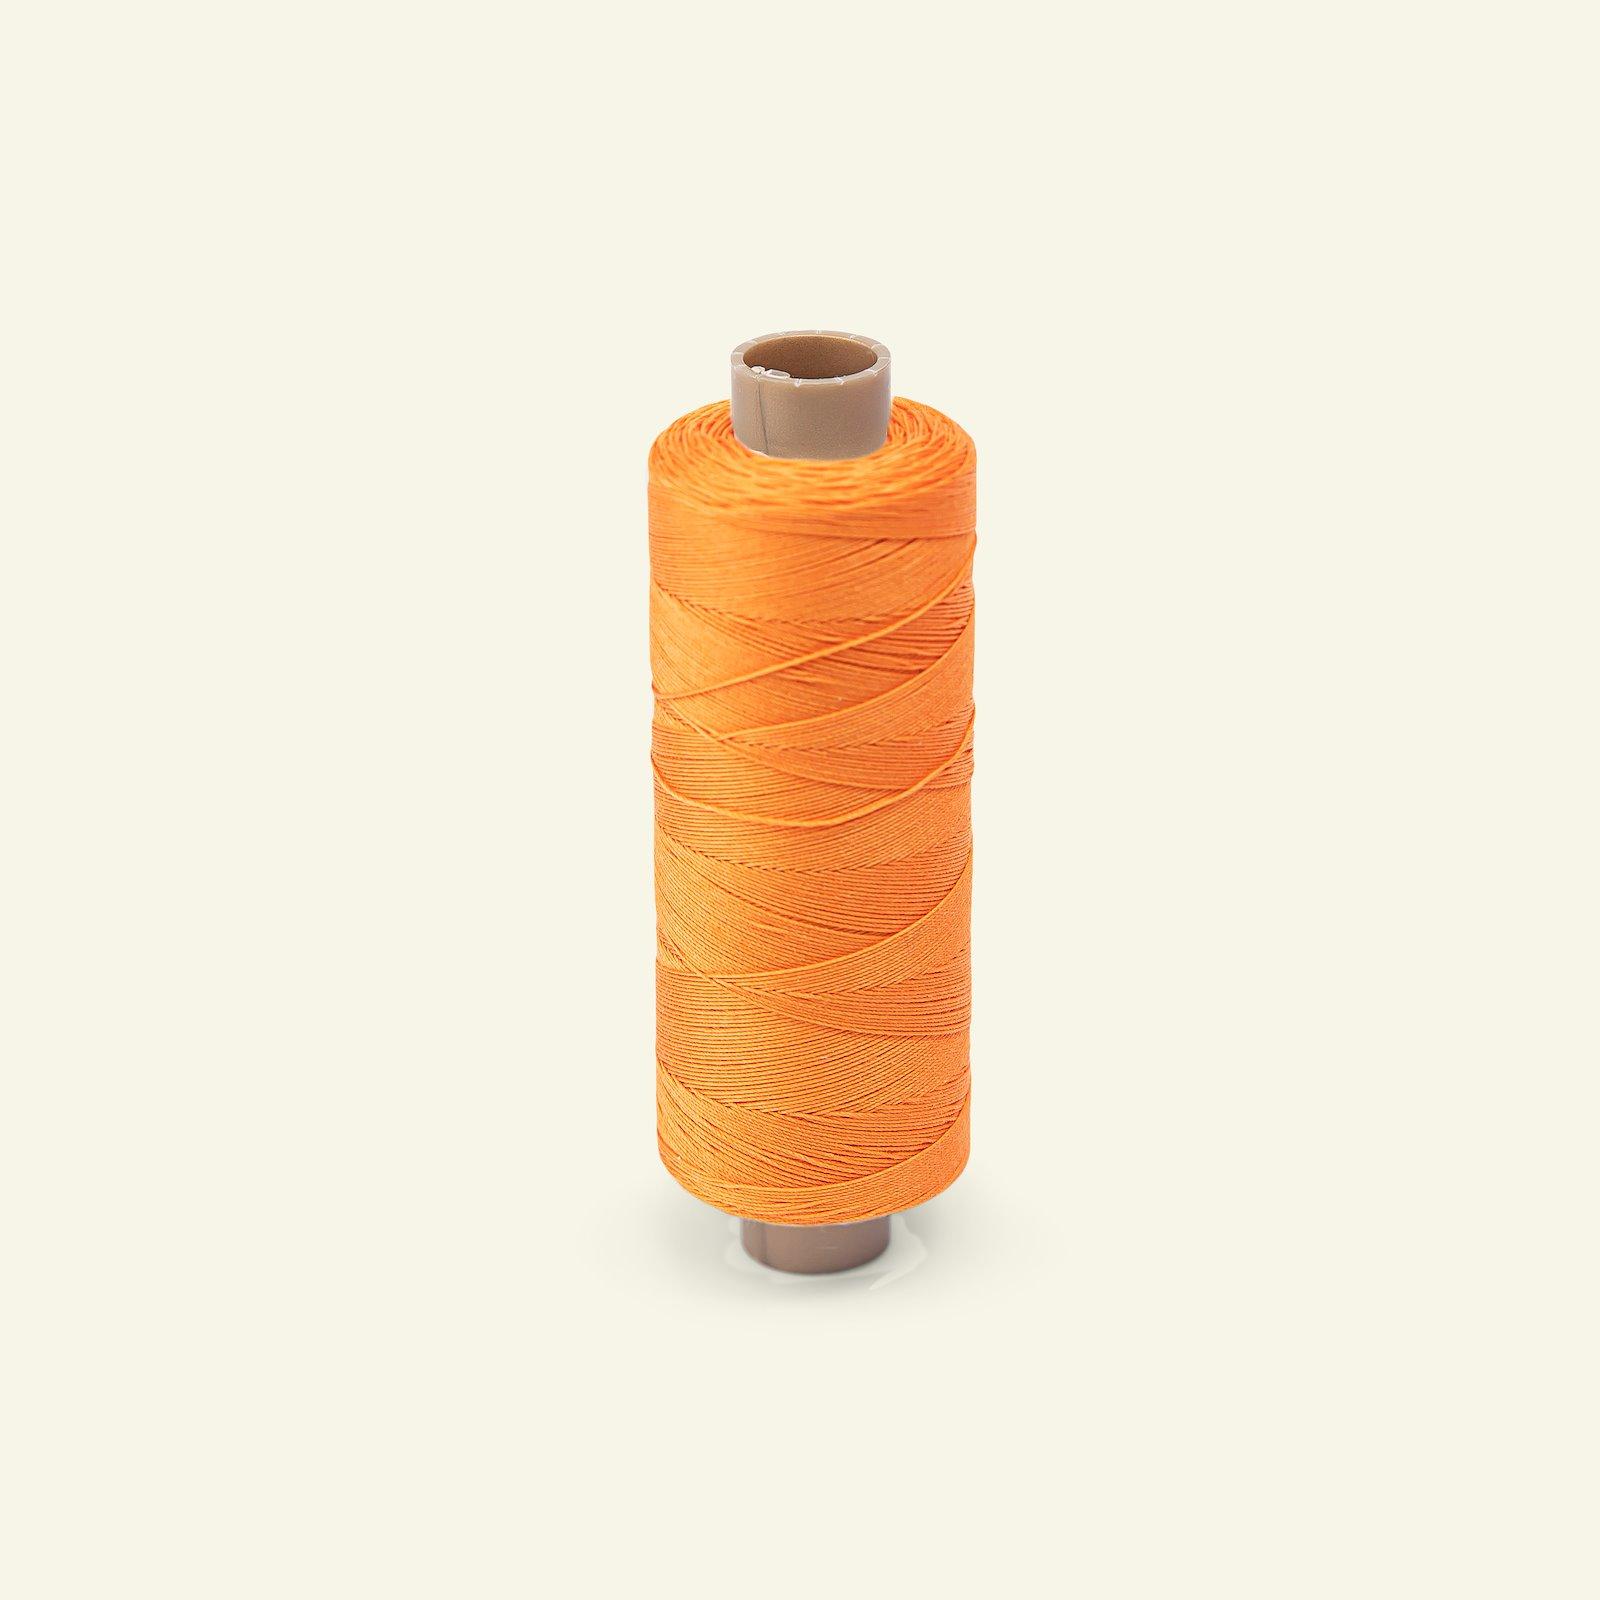 Quilting thread orange 300m 19006_pack